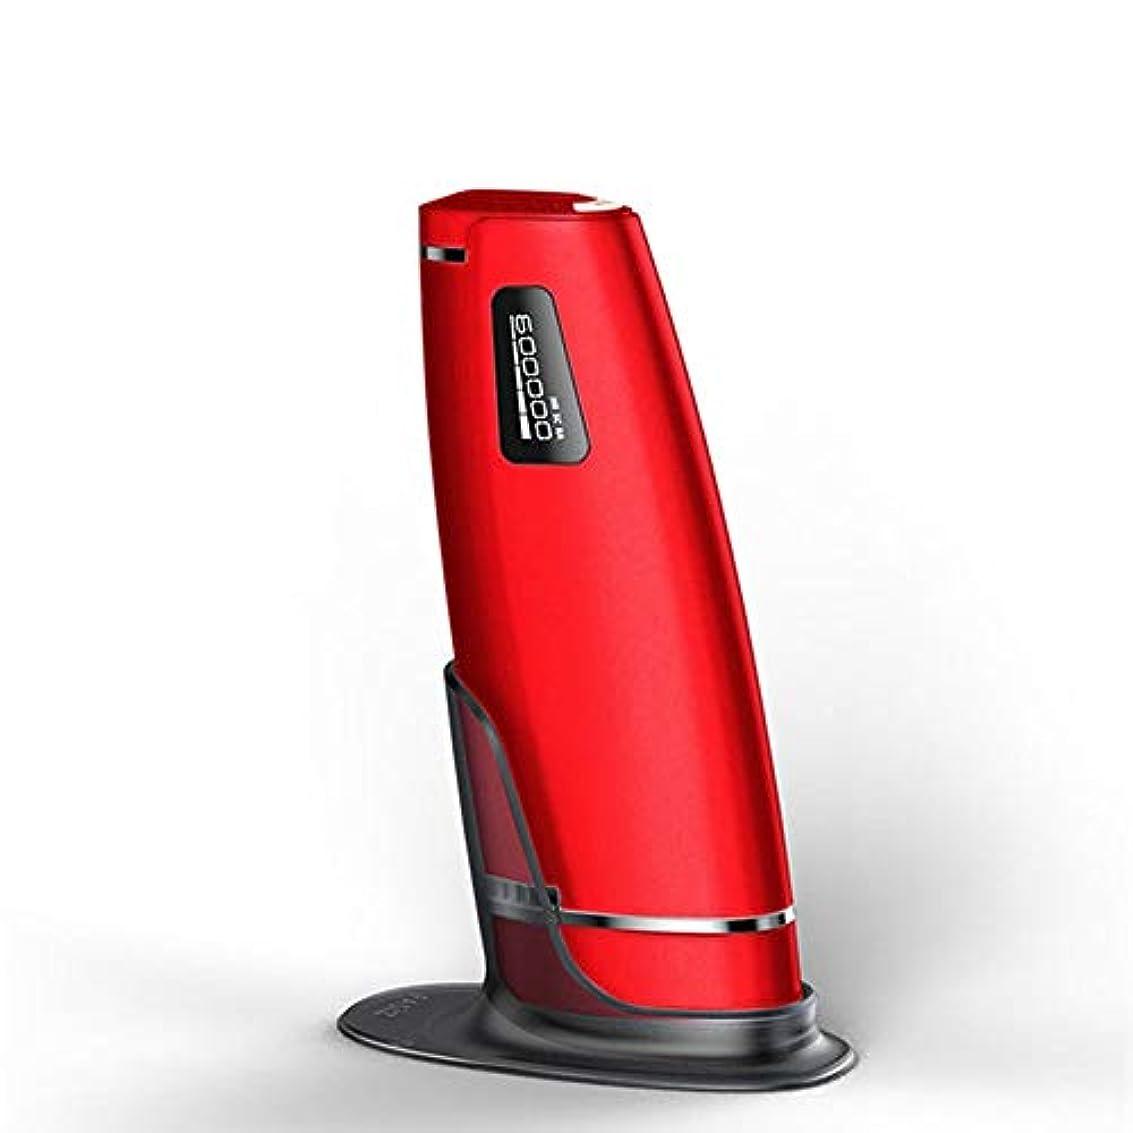 勇敢な祖先裏切り赤、デュアルモード、ホームオートマチック無痛脱毛剤、携帯用永久脱毛剤、5スピード調整、サイズ20.5 X 4.5 X 7 Cm 髪以外はきれい (Color : Red)